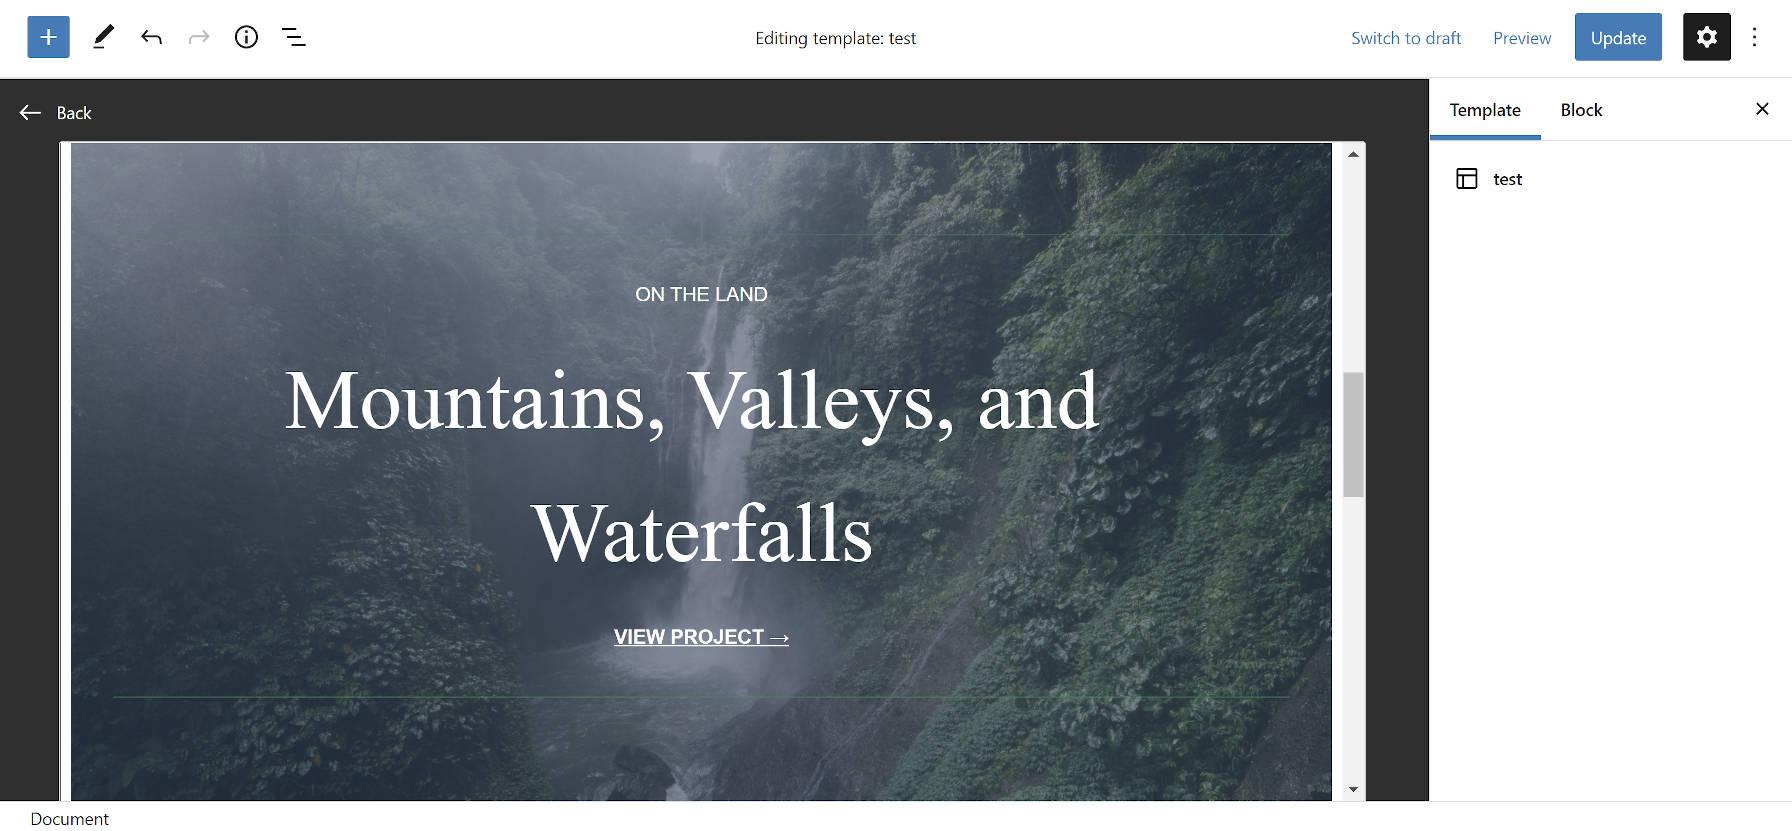 Iframe pour modifier un modèle de publication personnalisé dans l'écran de post-édition.